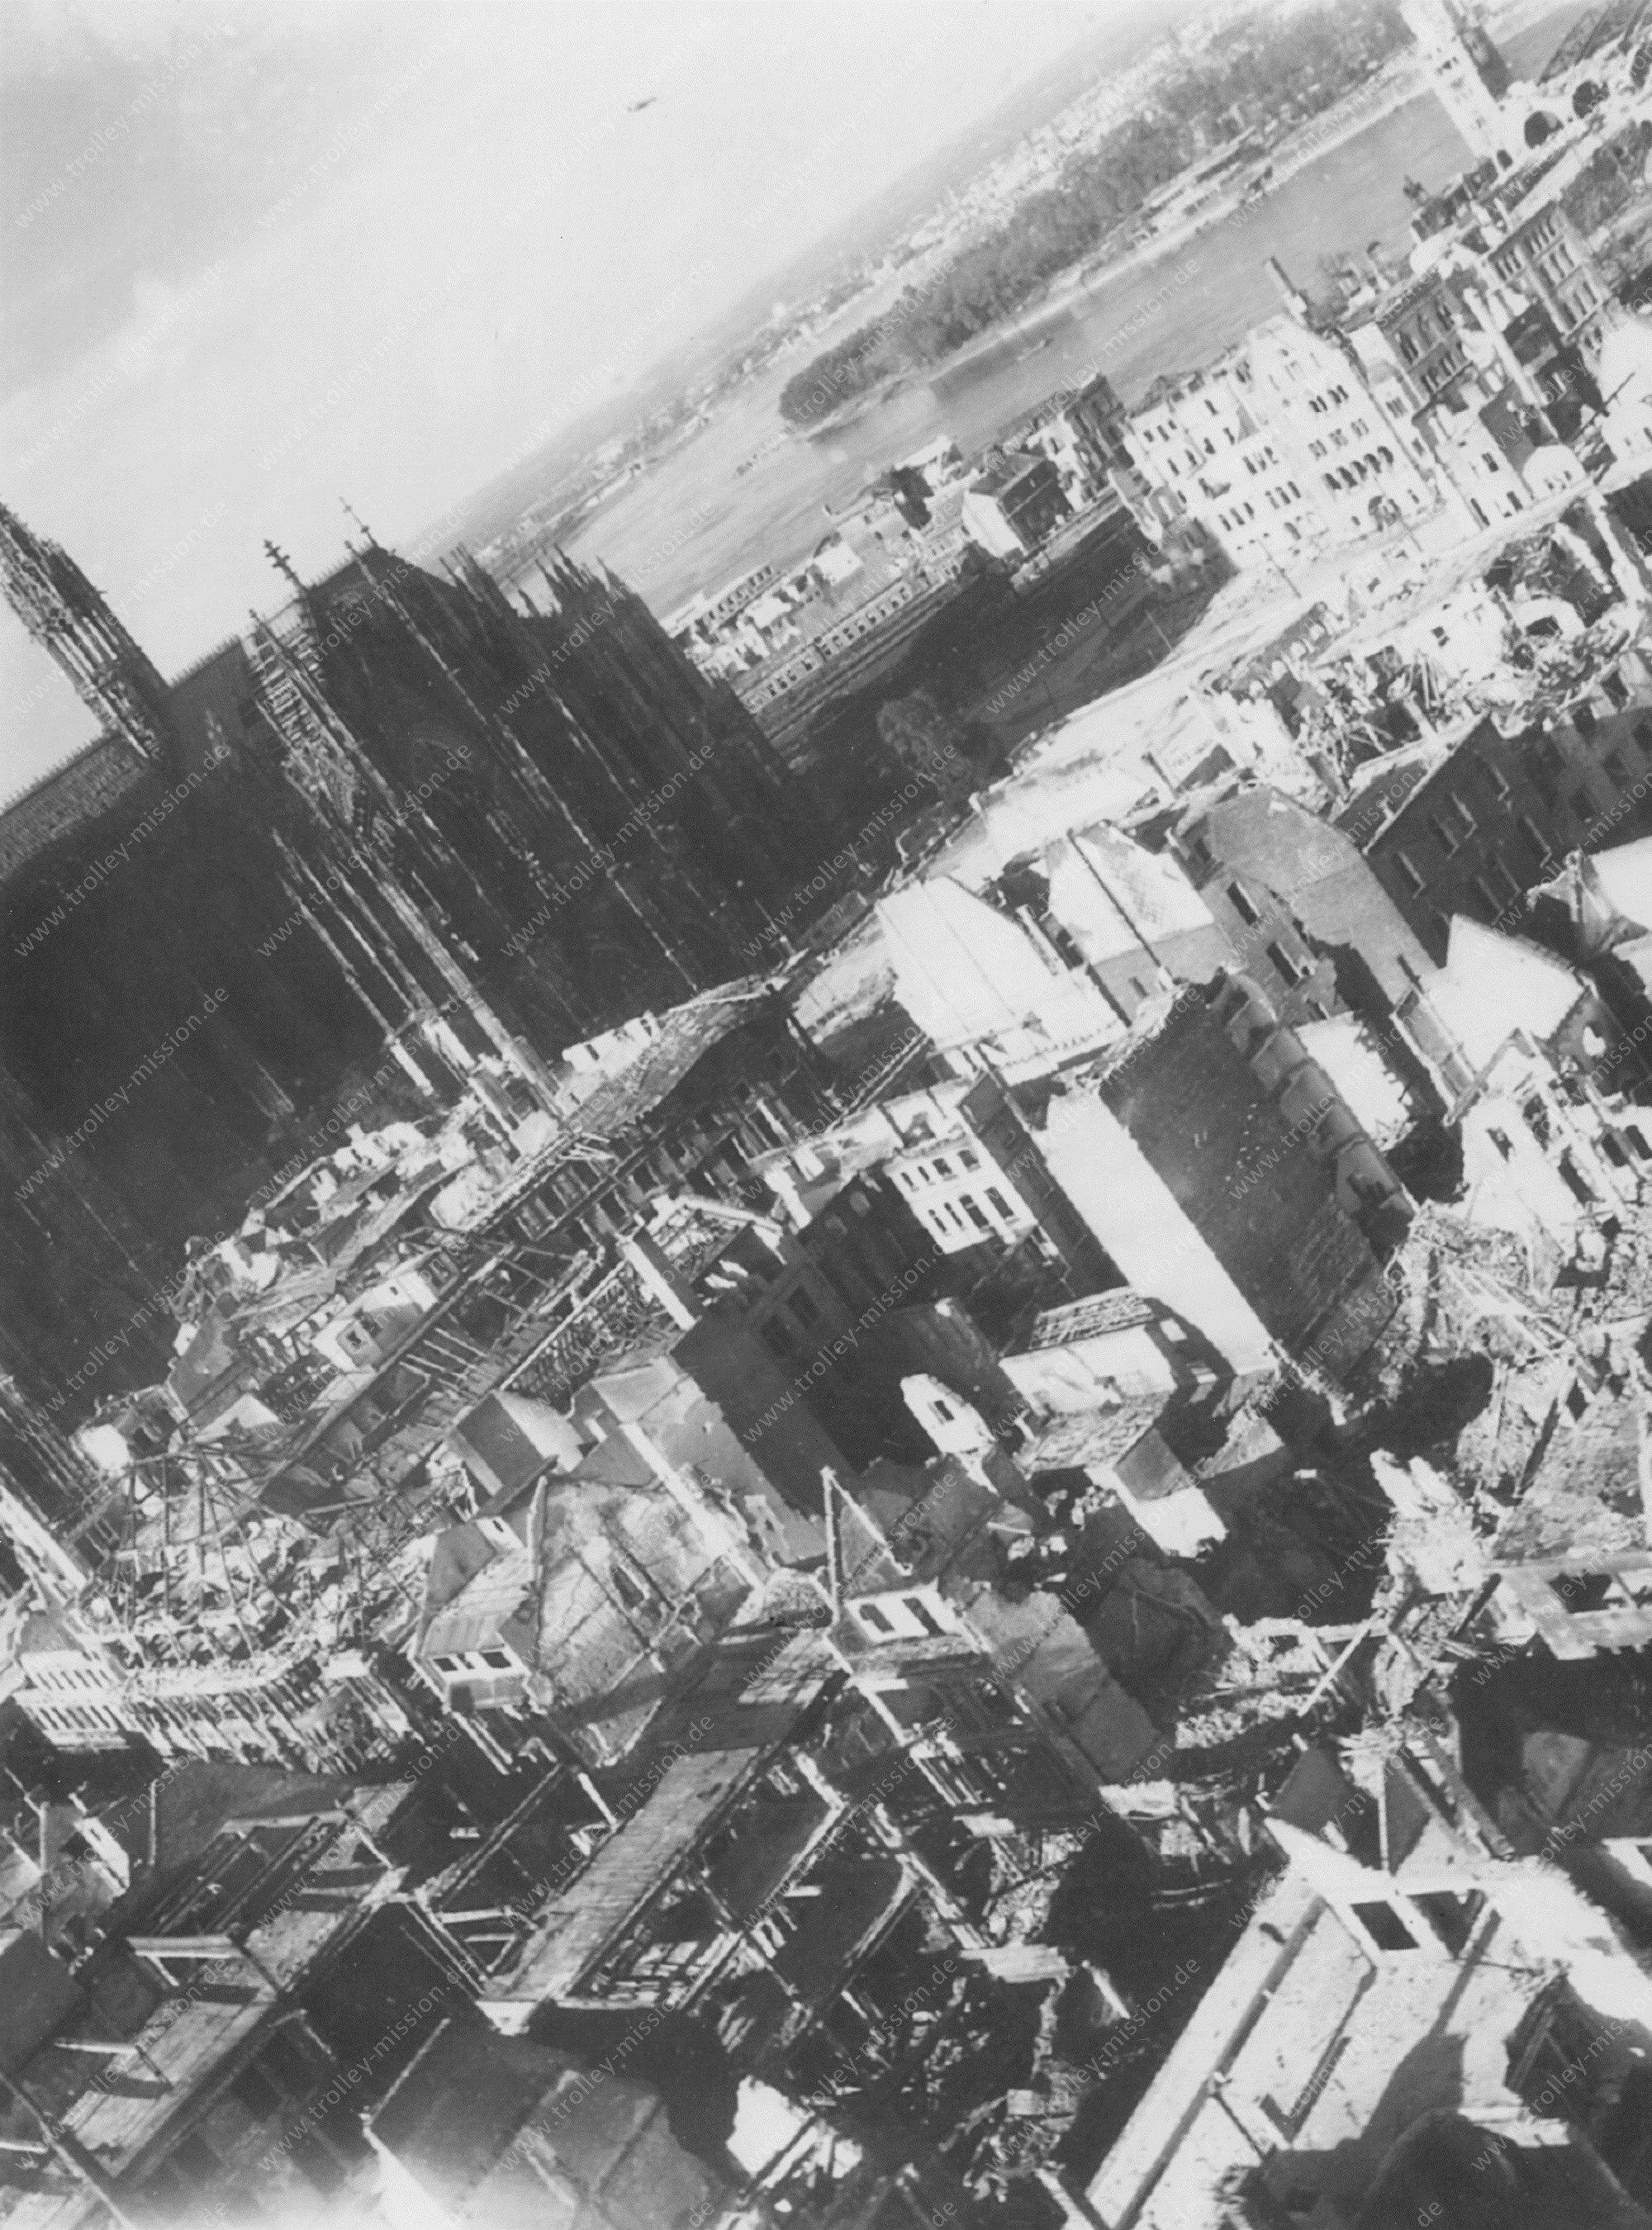 """Luftbild Kölner Dom (""""Hohe Domkirche Sankt Petrus"""") in Höhe der Minoritenstraße, Großen Budengasse bzw. Sporergasse im Mai 1945"""